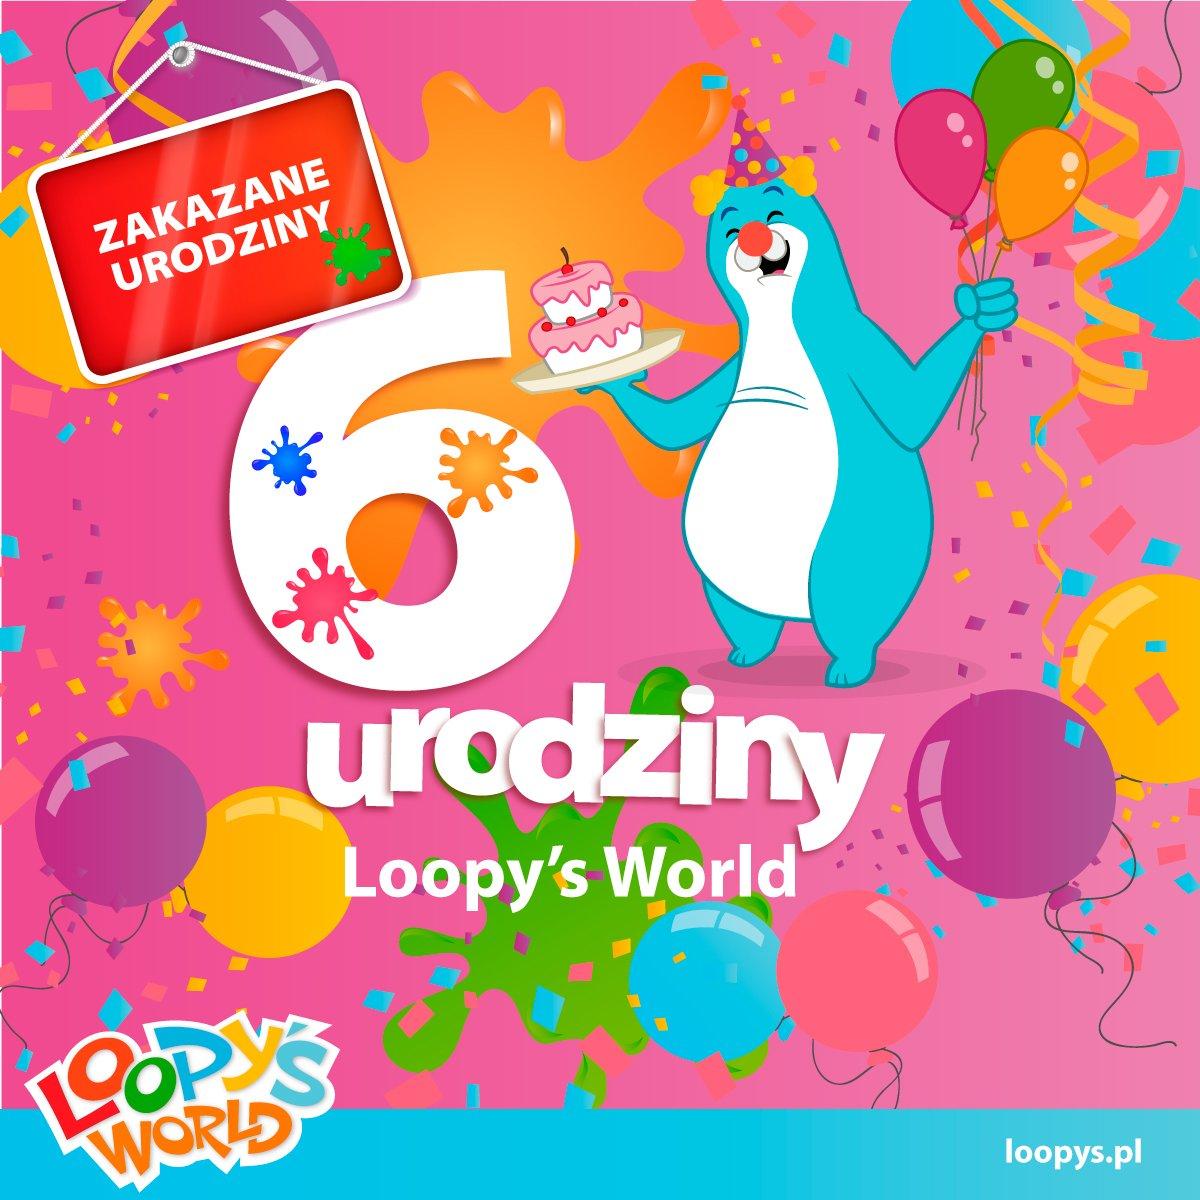 urodziny-loopys-world